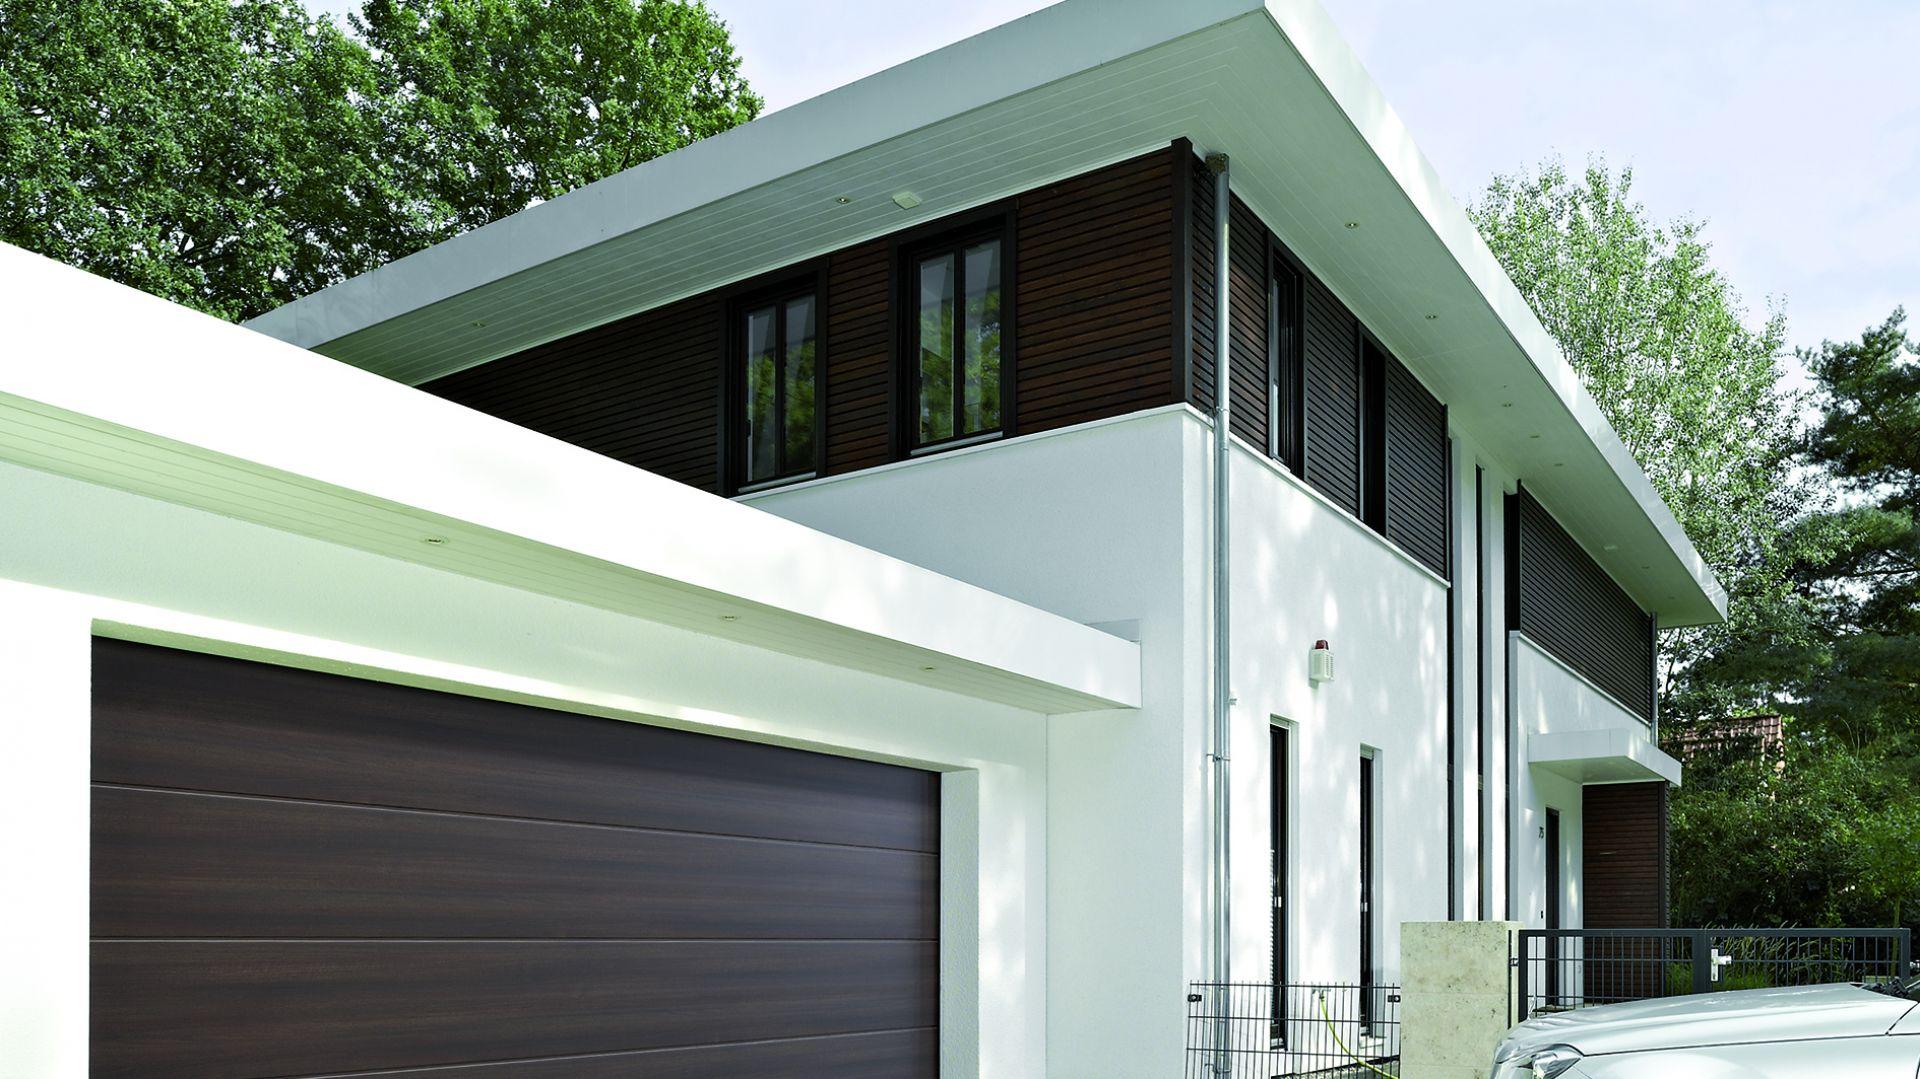 Nowe wzory powierzchni bram garażowych Duragrain to więcej możliwości aranżacji otoczenia domu. Fot. Hörmann